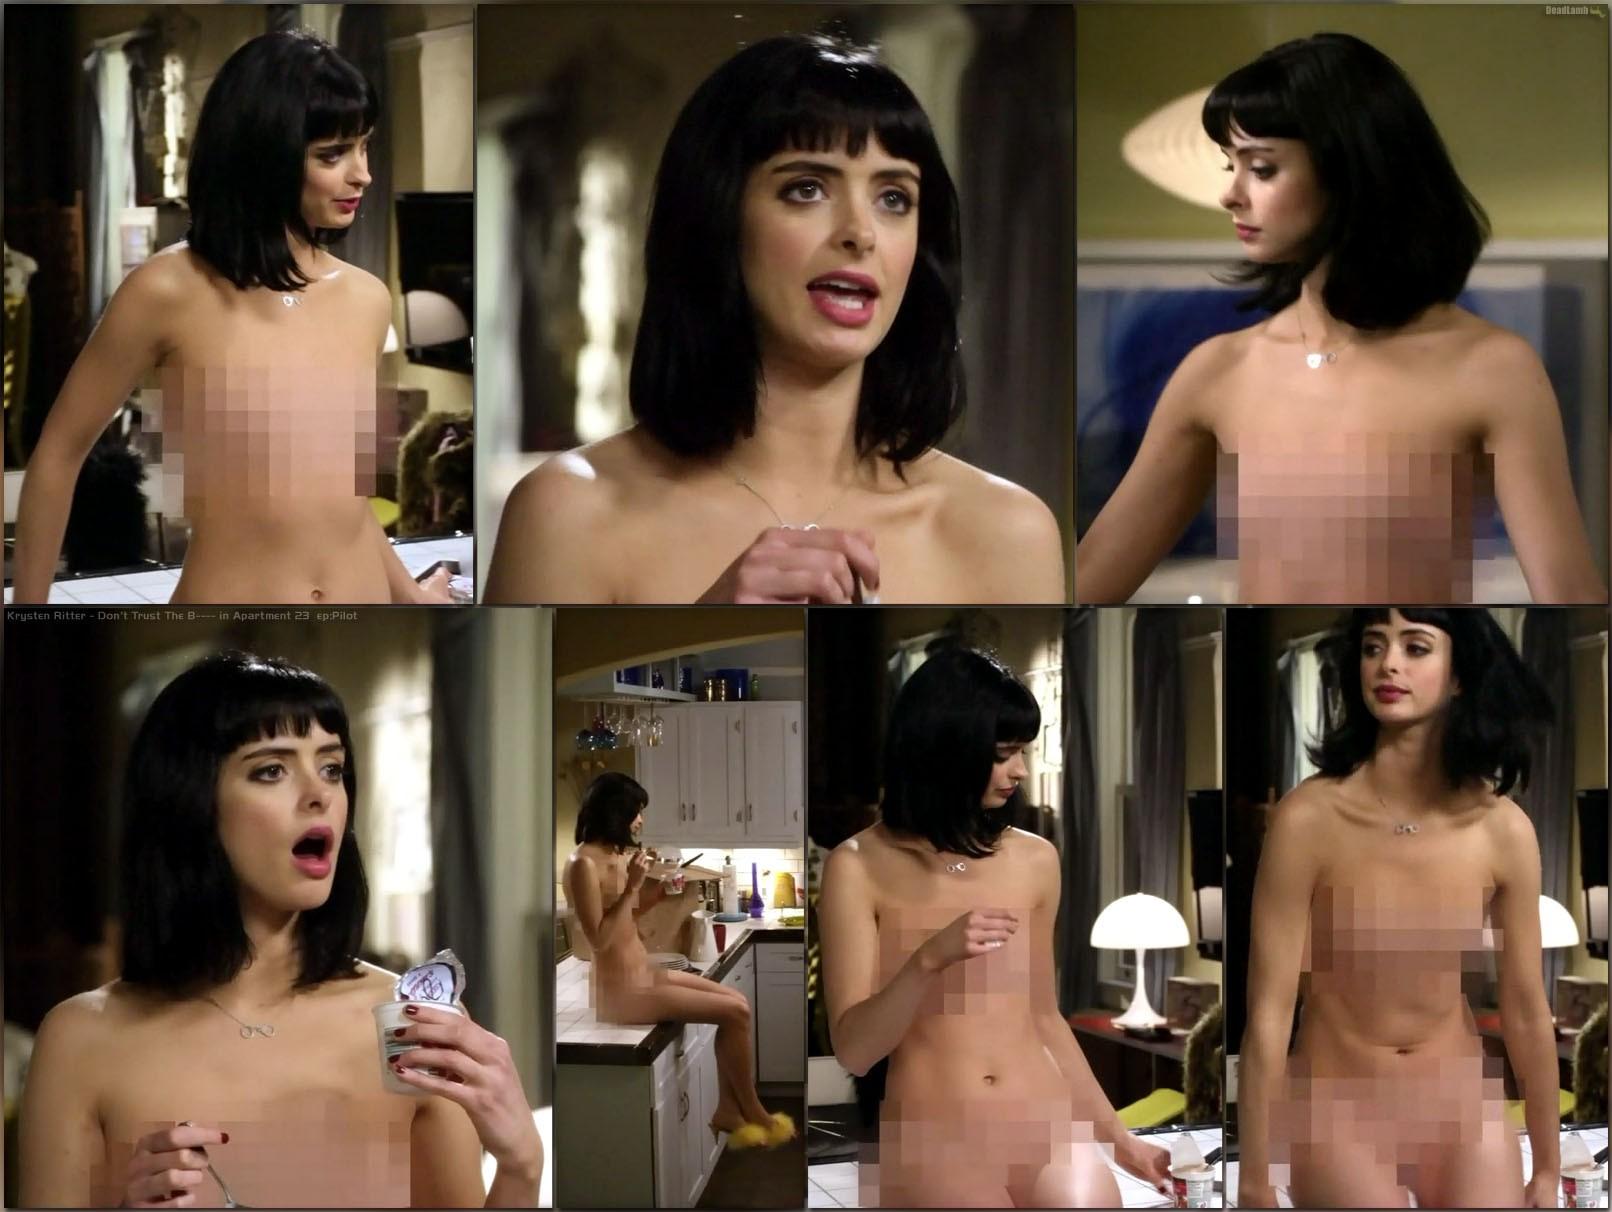 Krysten ritter naked